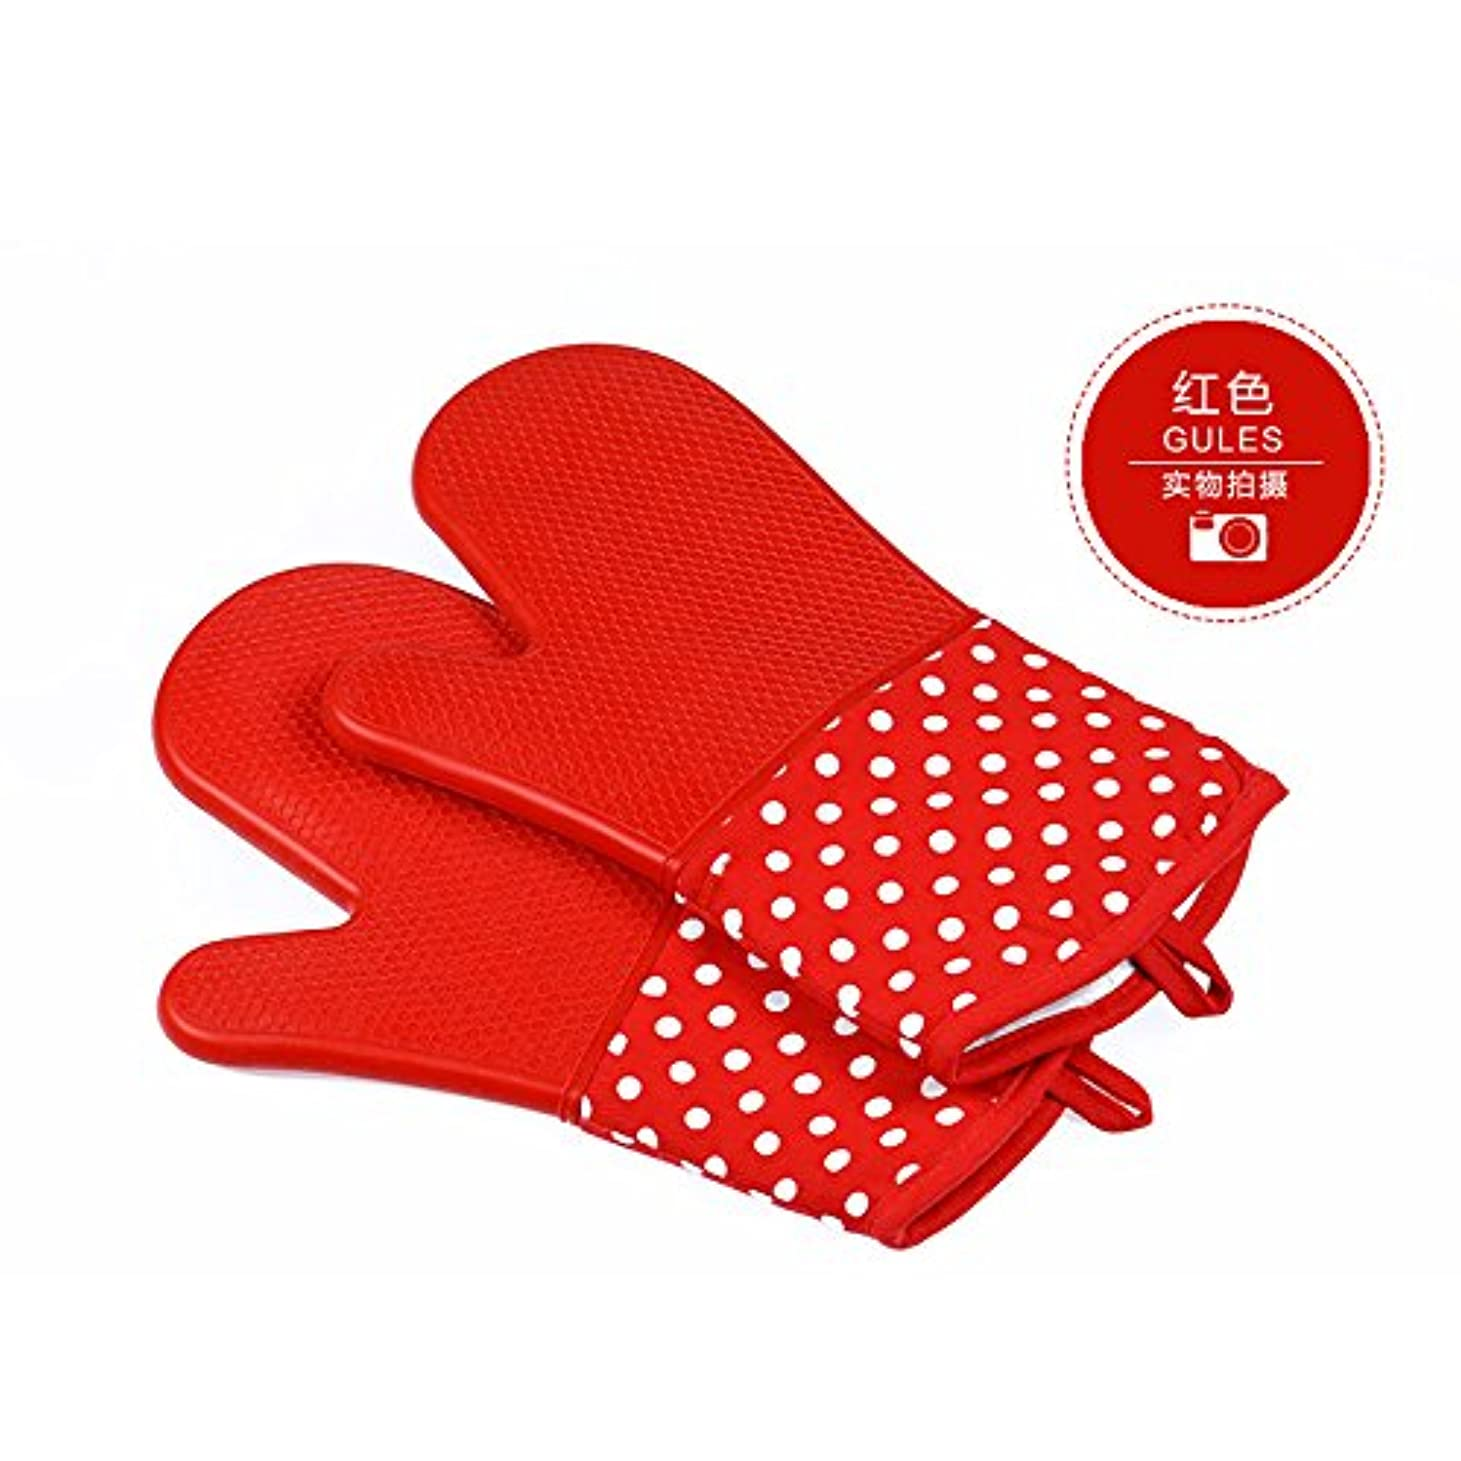 カロリー徹底二十JOOP【2個セット】【シリコンベーキング手袋】【バーベキュー手袋】【キッチン電子レンジの手袋】【オーブン断熱手袋】【300の加熱温度極値】【7色】 (レッド)